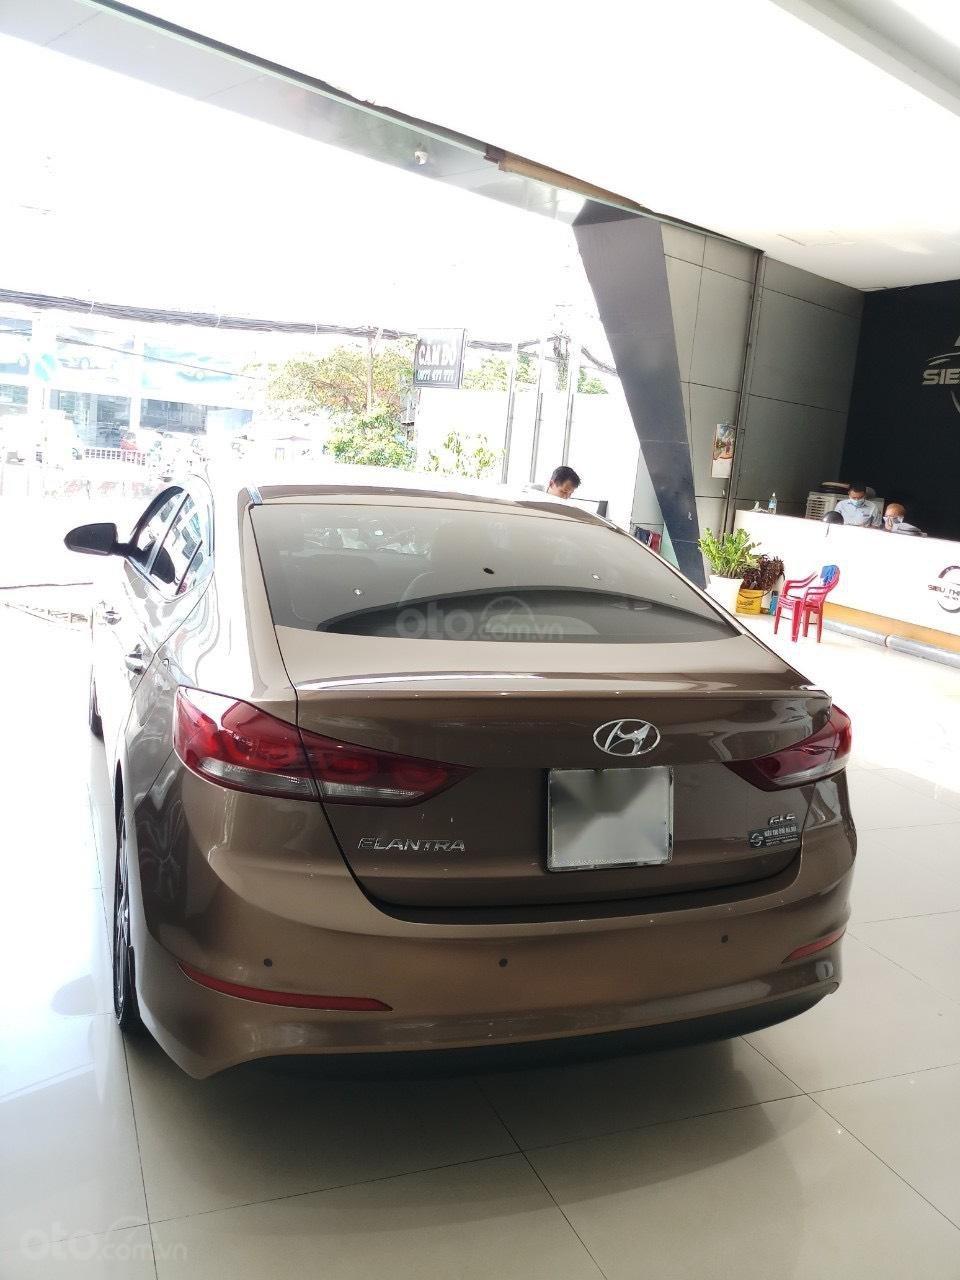 Cần bán Hyundai Elantra 2.0 AT vàng cát 2017 đẹp nguyên bản như mới (4)